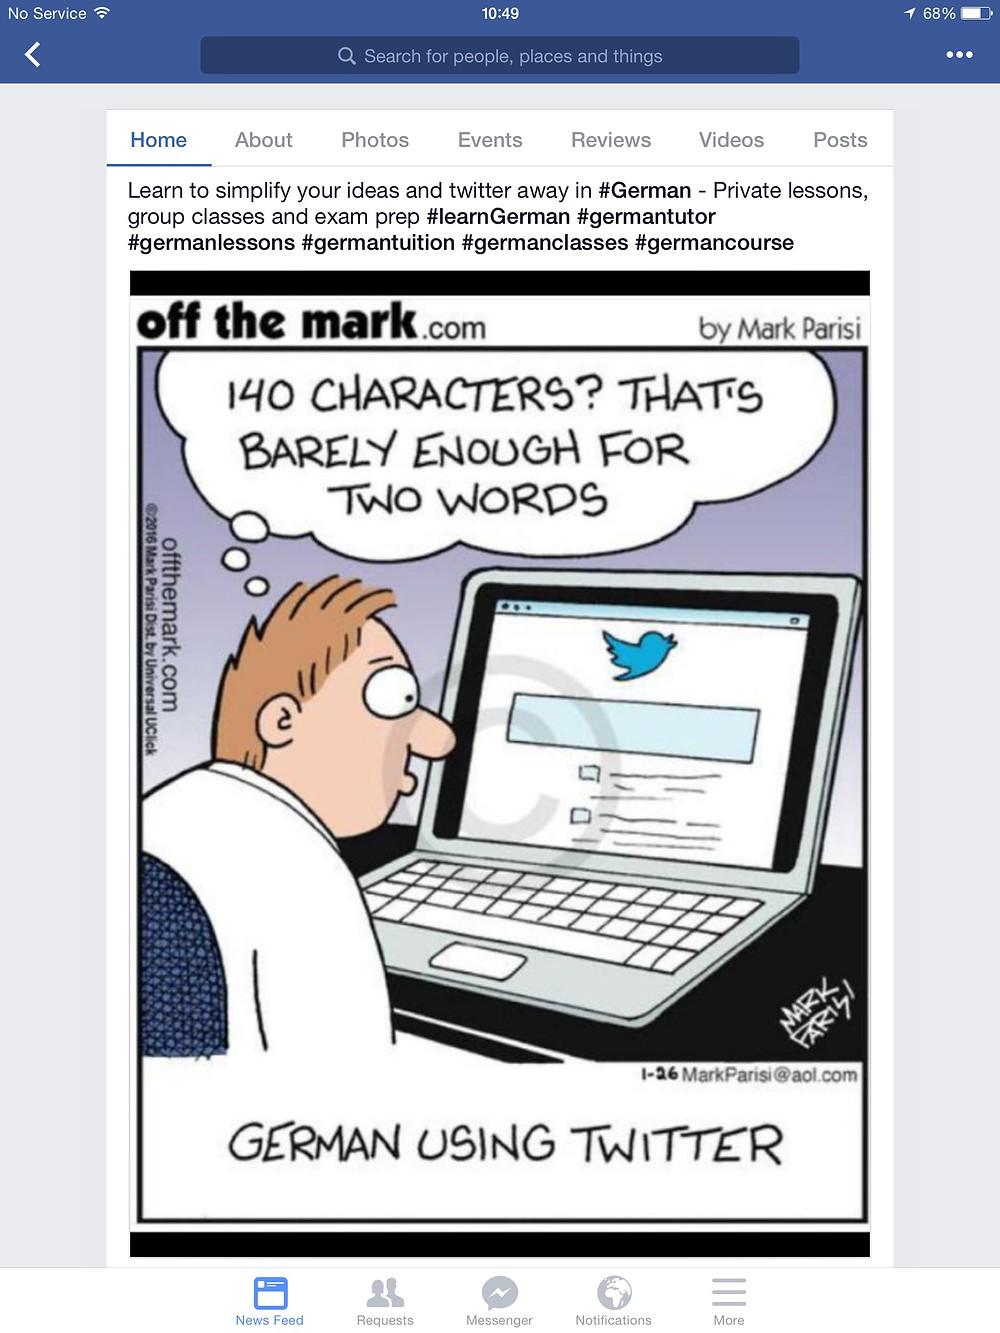 Twitter in German, learn German